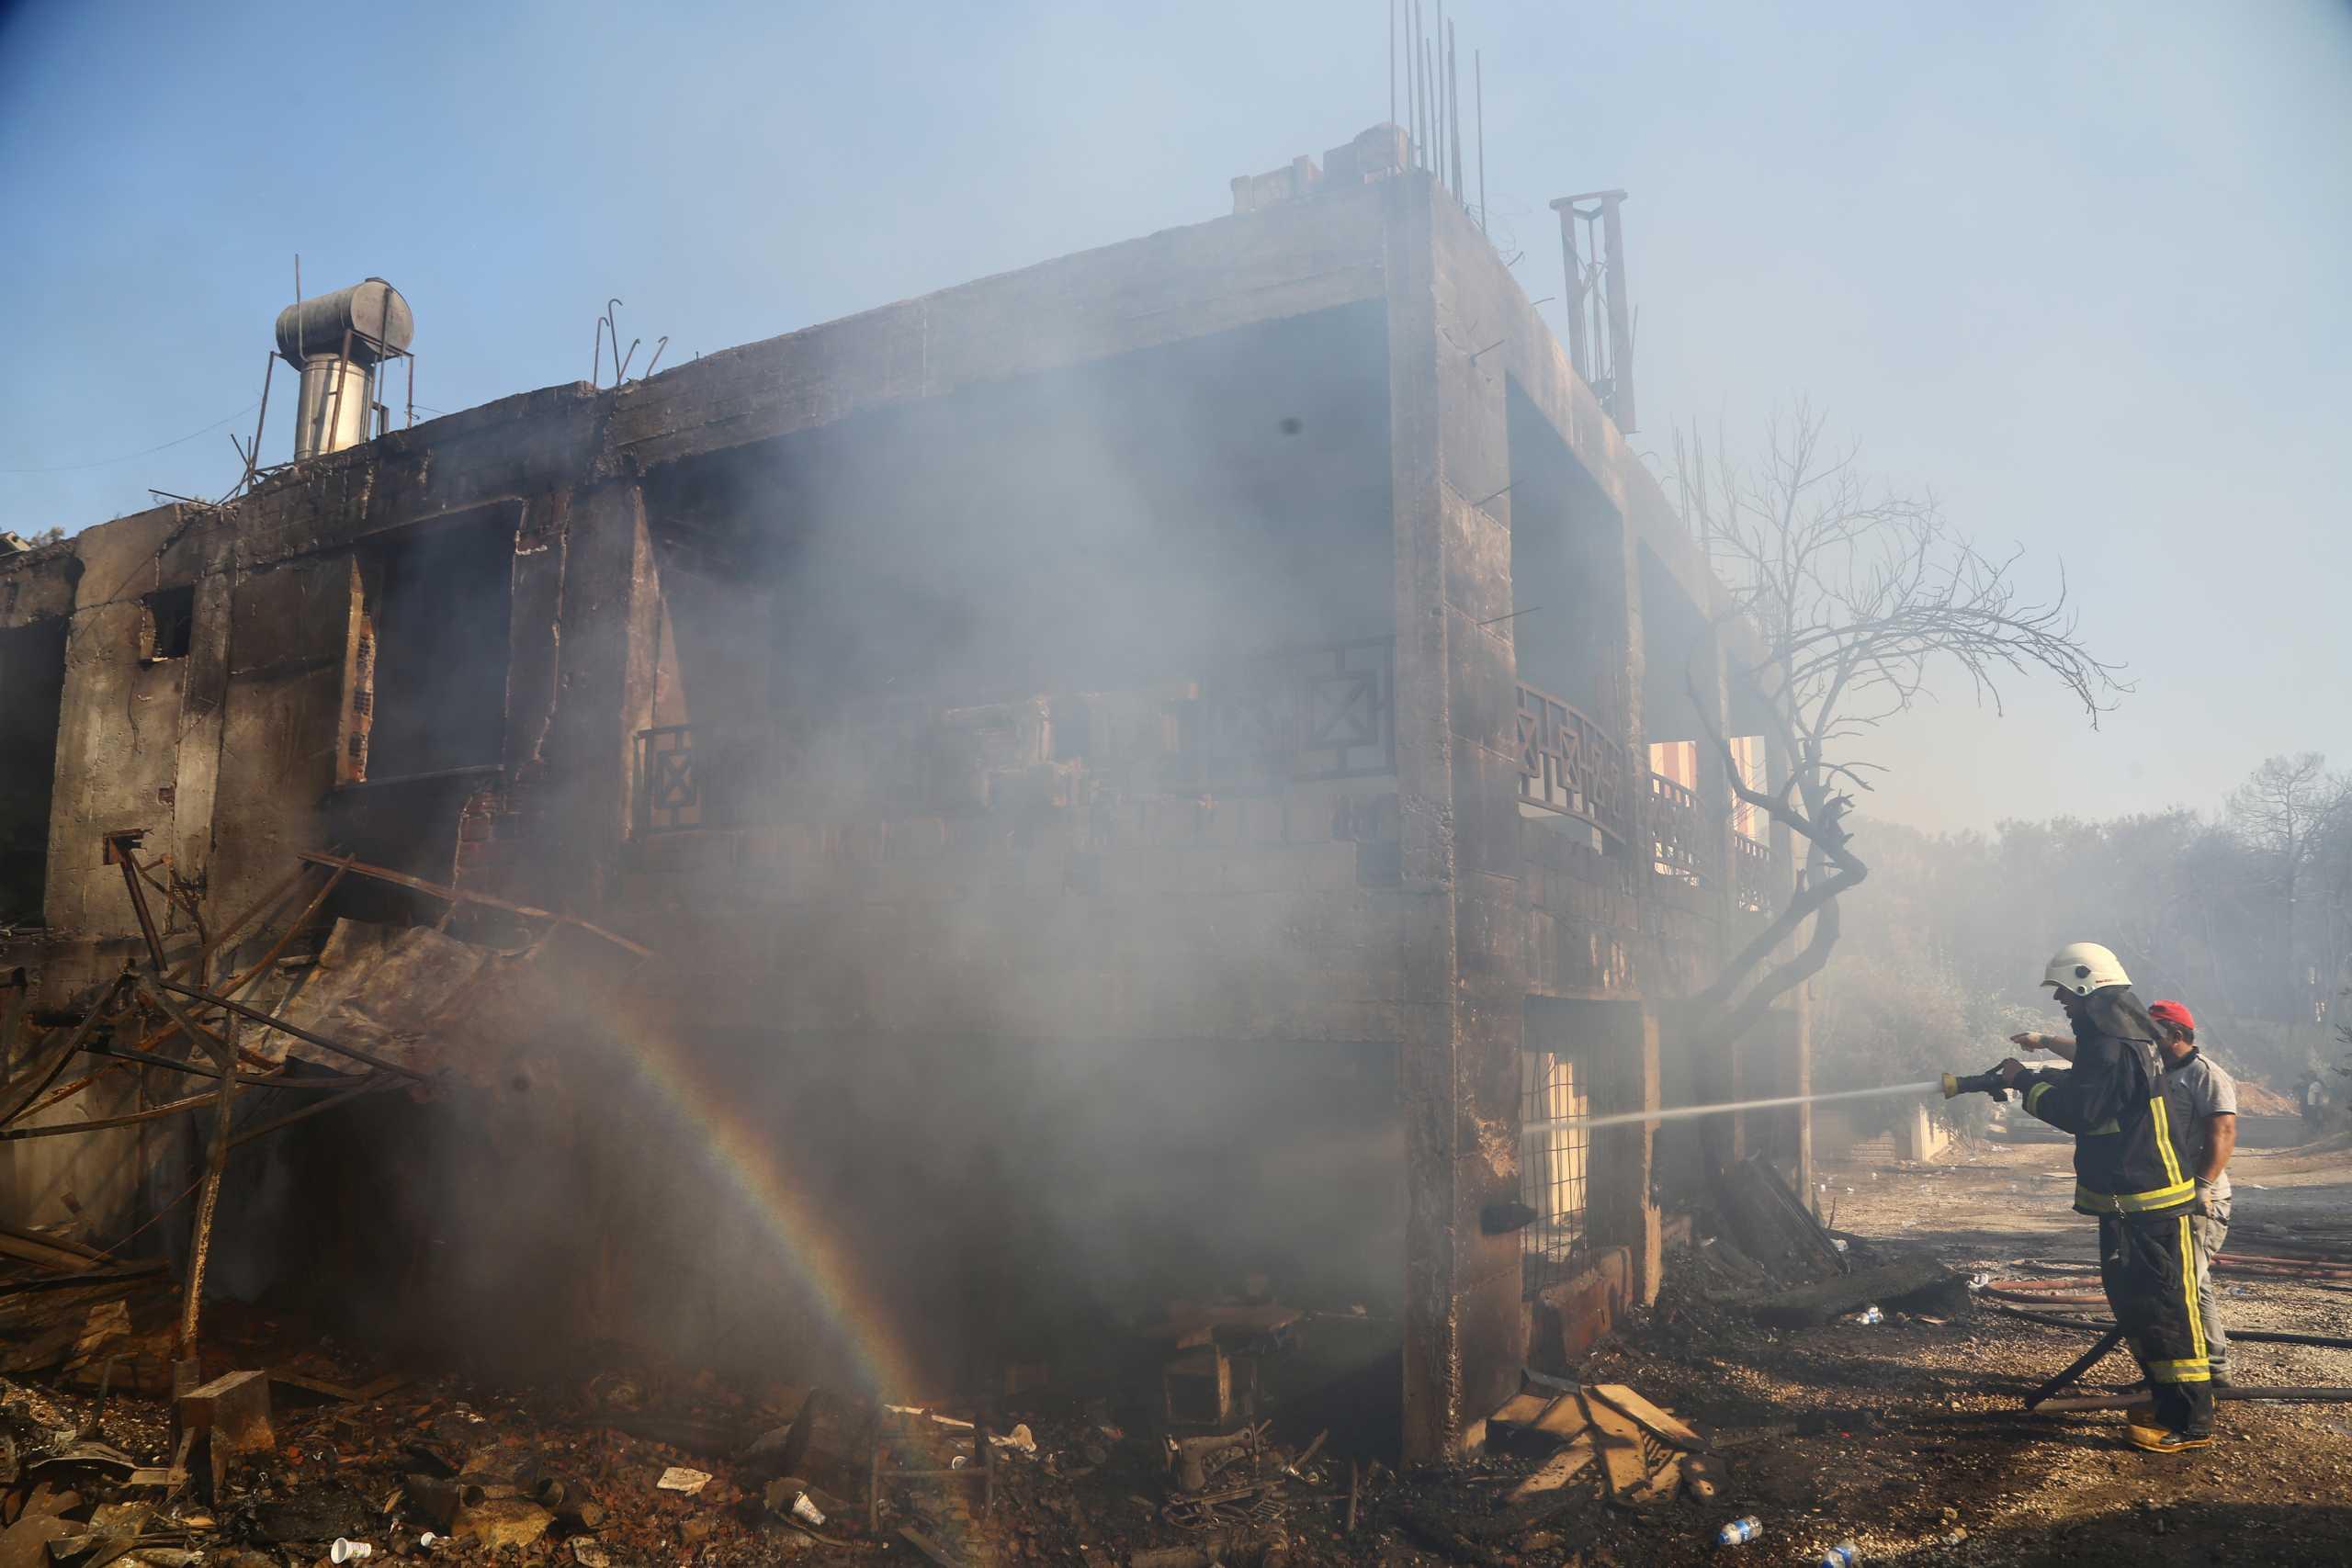 Φωτιά στην Τουρκία: Πυρκαγιές για έκτη μέρα – Τρία αεροσκάφη έστειλε η ΕΕ